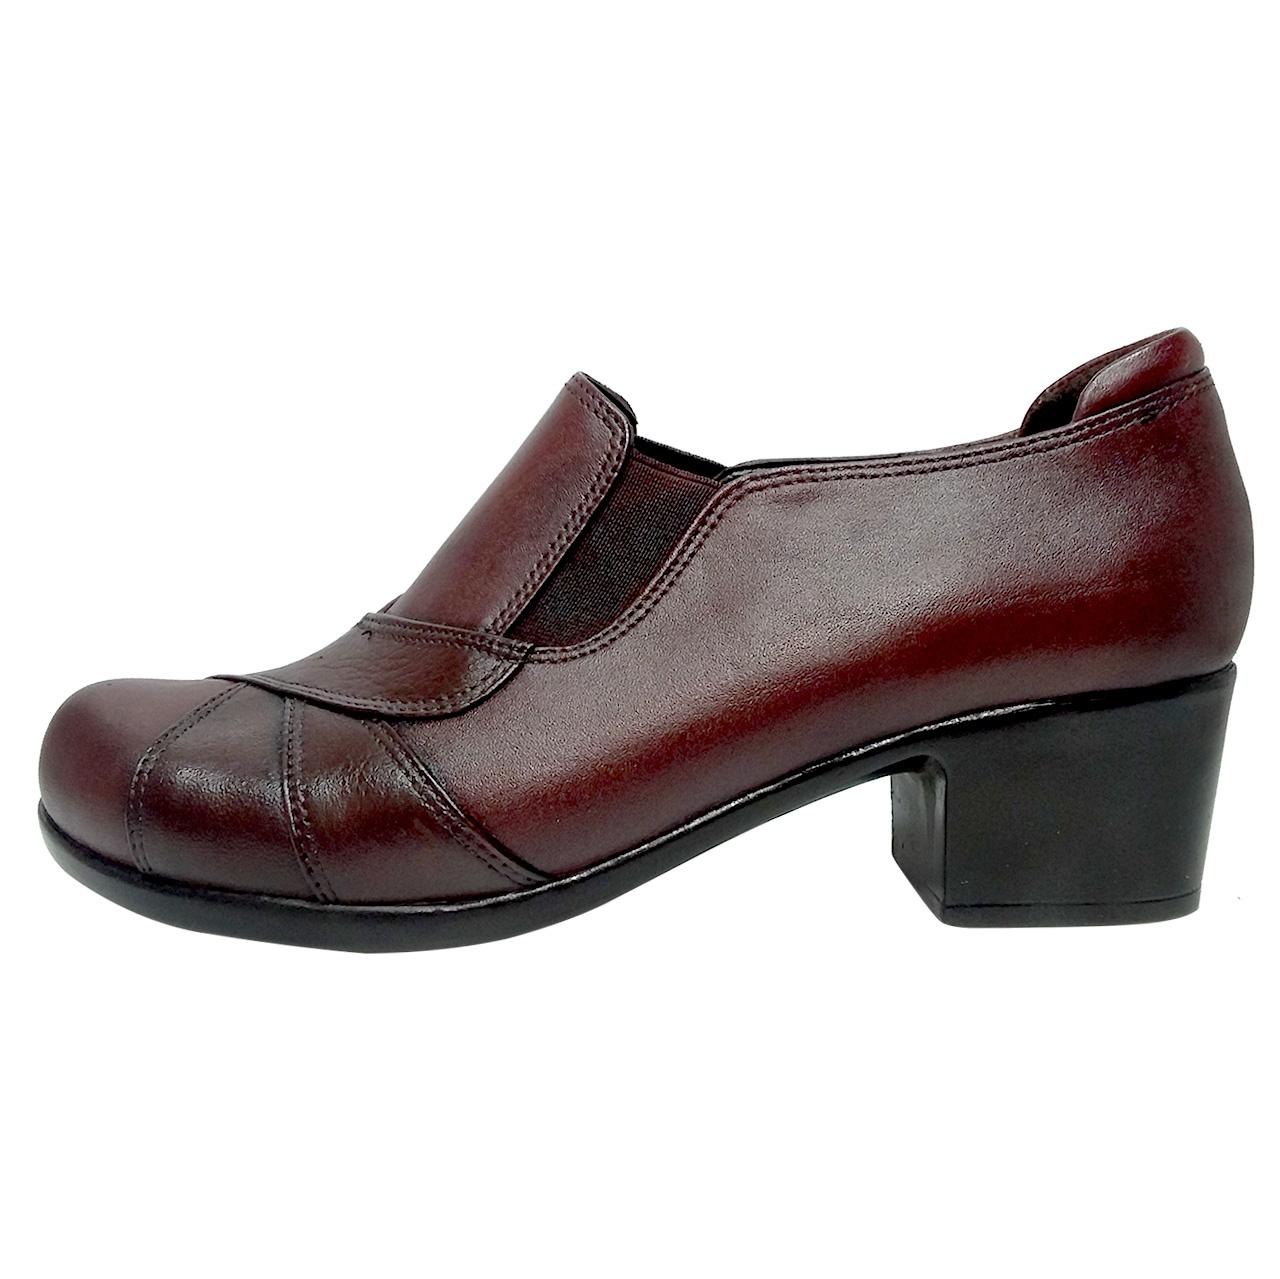 تصویر کفش طبی زنانه روشن مدل 565 کد 02